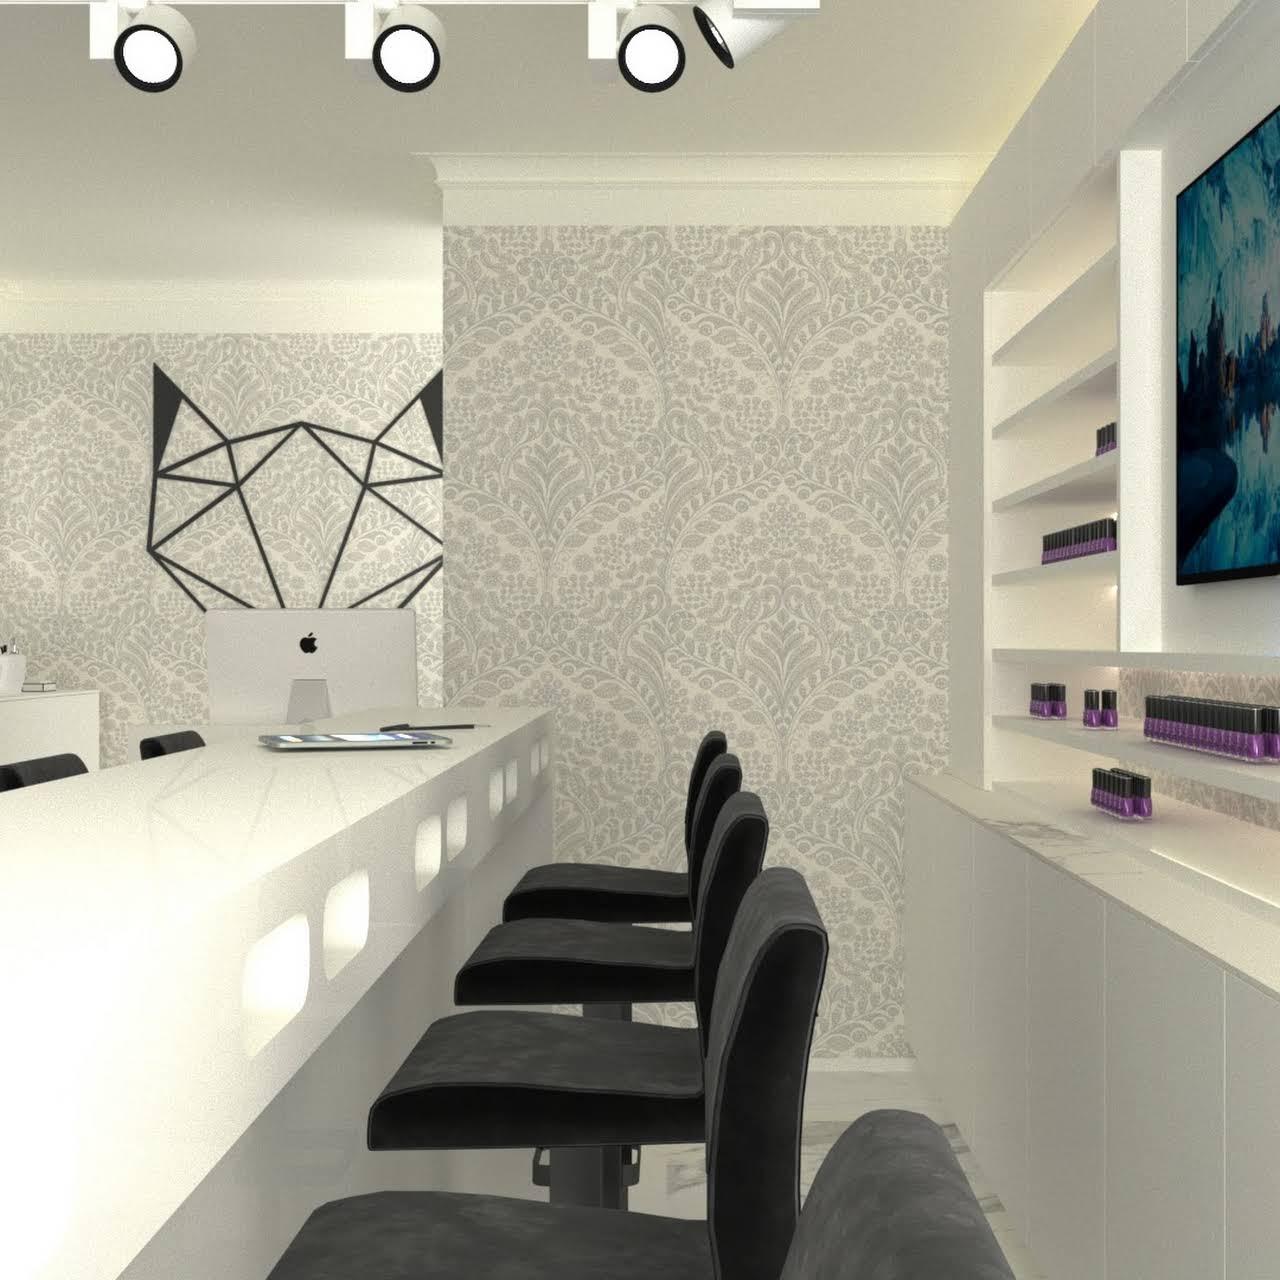 Star Nails Nehtove Studio Nail Salon In Prague 1